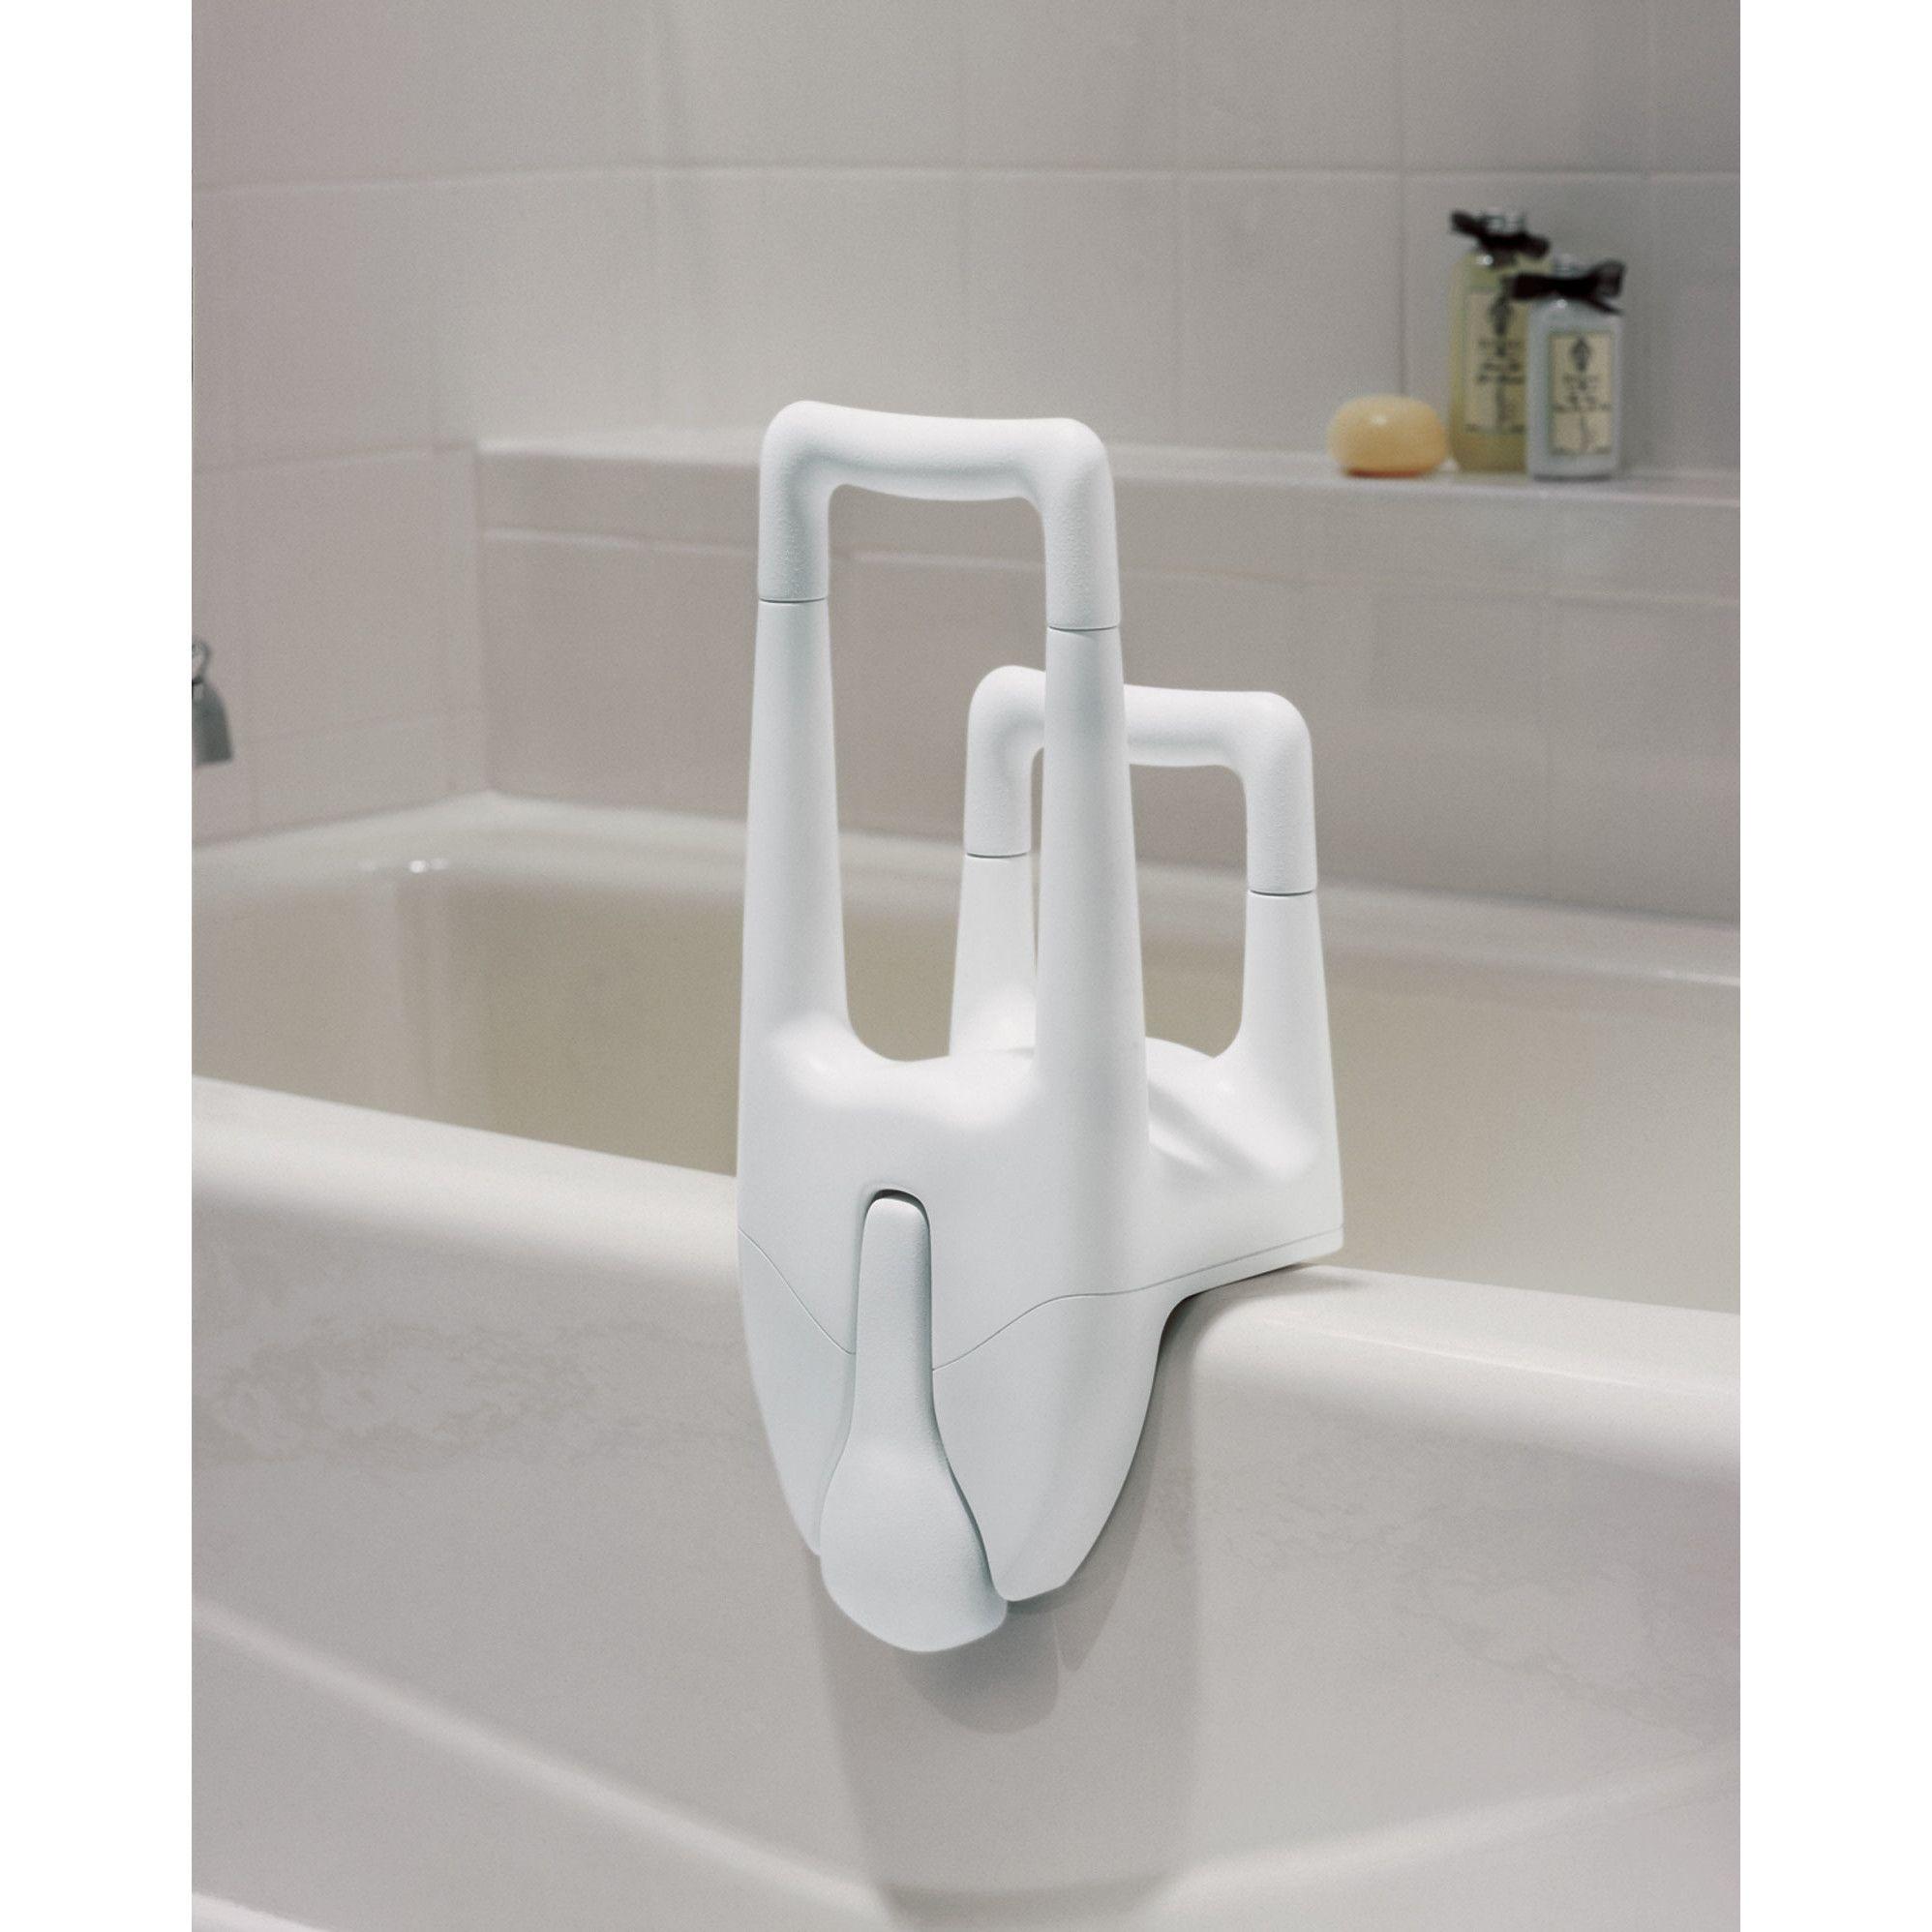 7 4 Grab Bar Bathroom Accessories Design Tub Bathtub